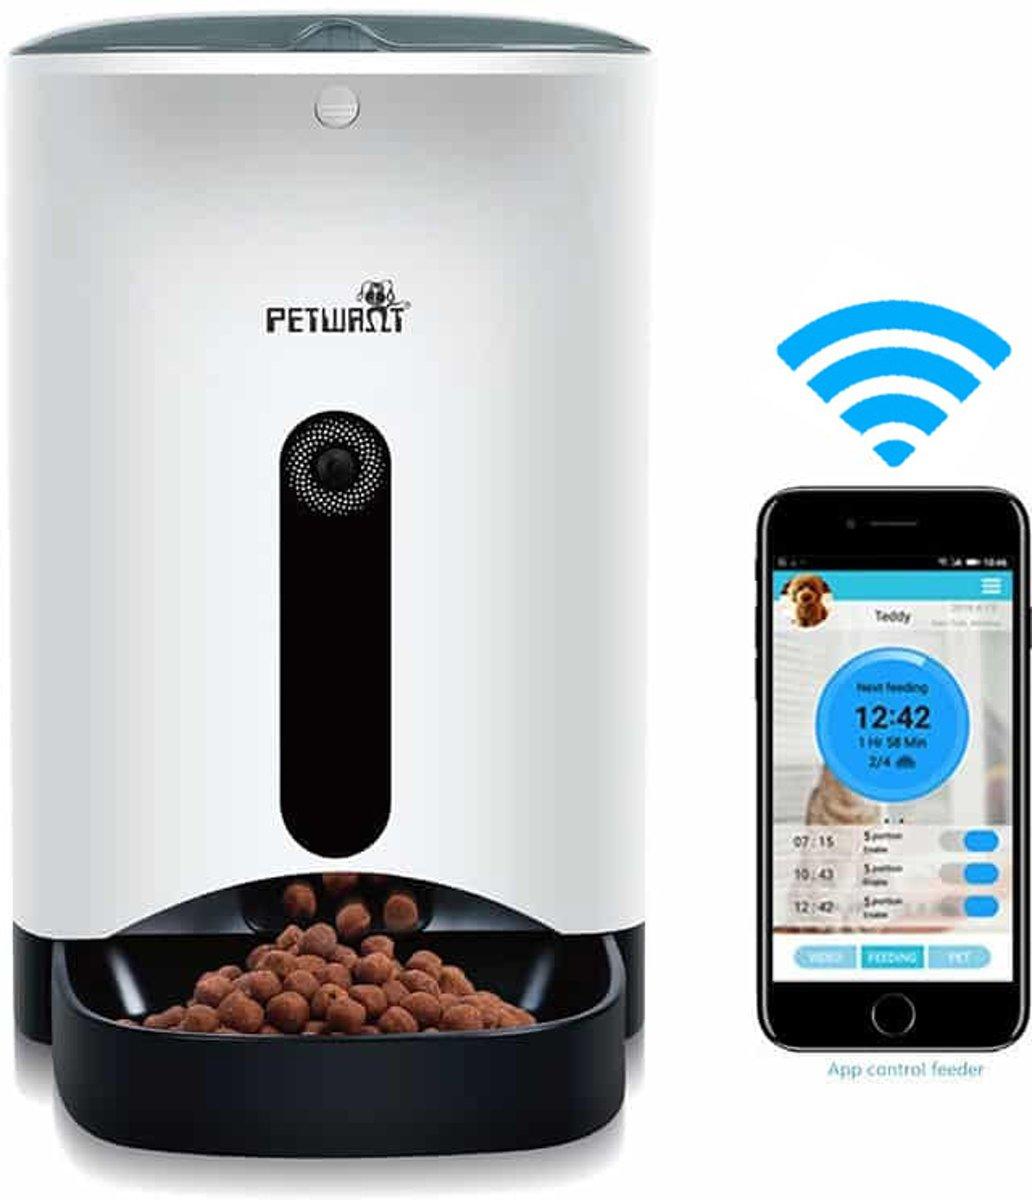 PetWant PF-103 Slimme Voerautomaat met Camera voor Hond, Kat en Konijn | Geef uw huisdier op vaste tijden automatisch eten | Eigenschappen: HD Camera, Twee Weg Audio, Verbind met App, WIFI Verbinding, Instelbaar Voedingsschema